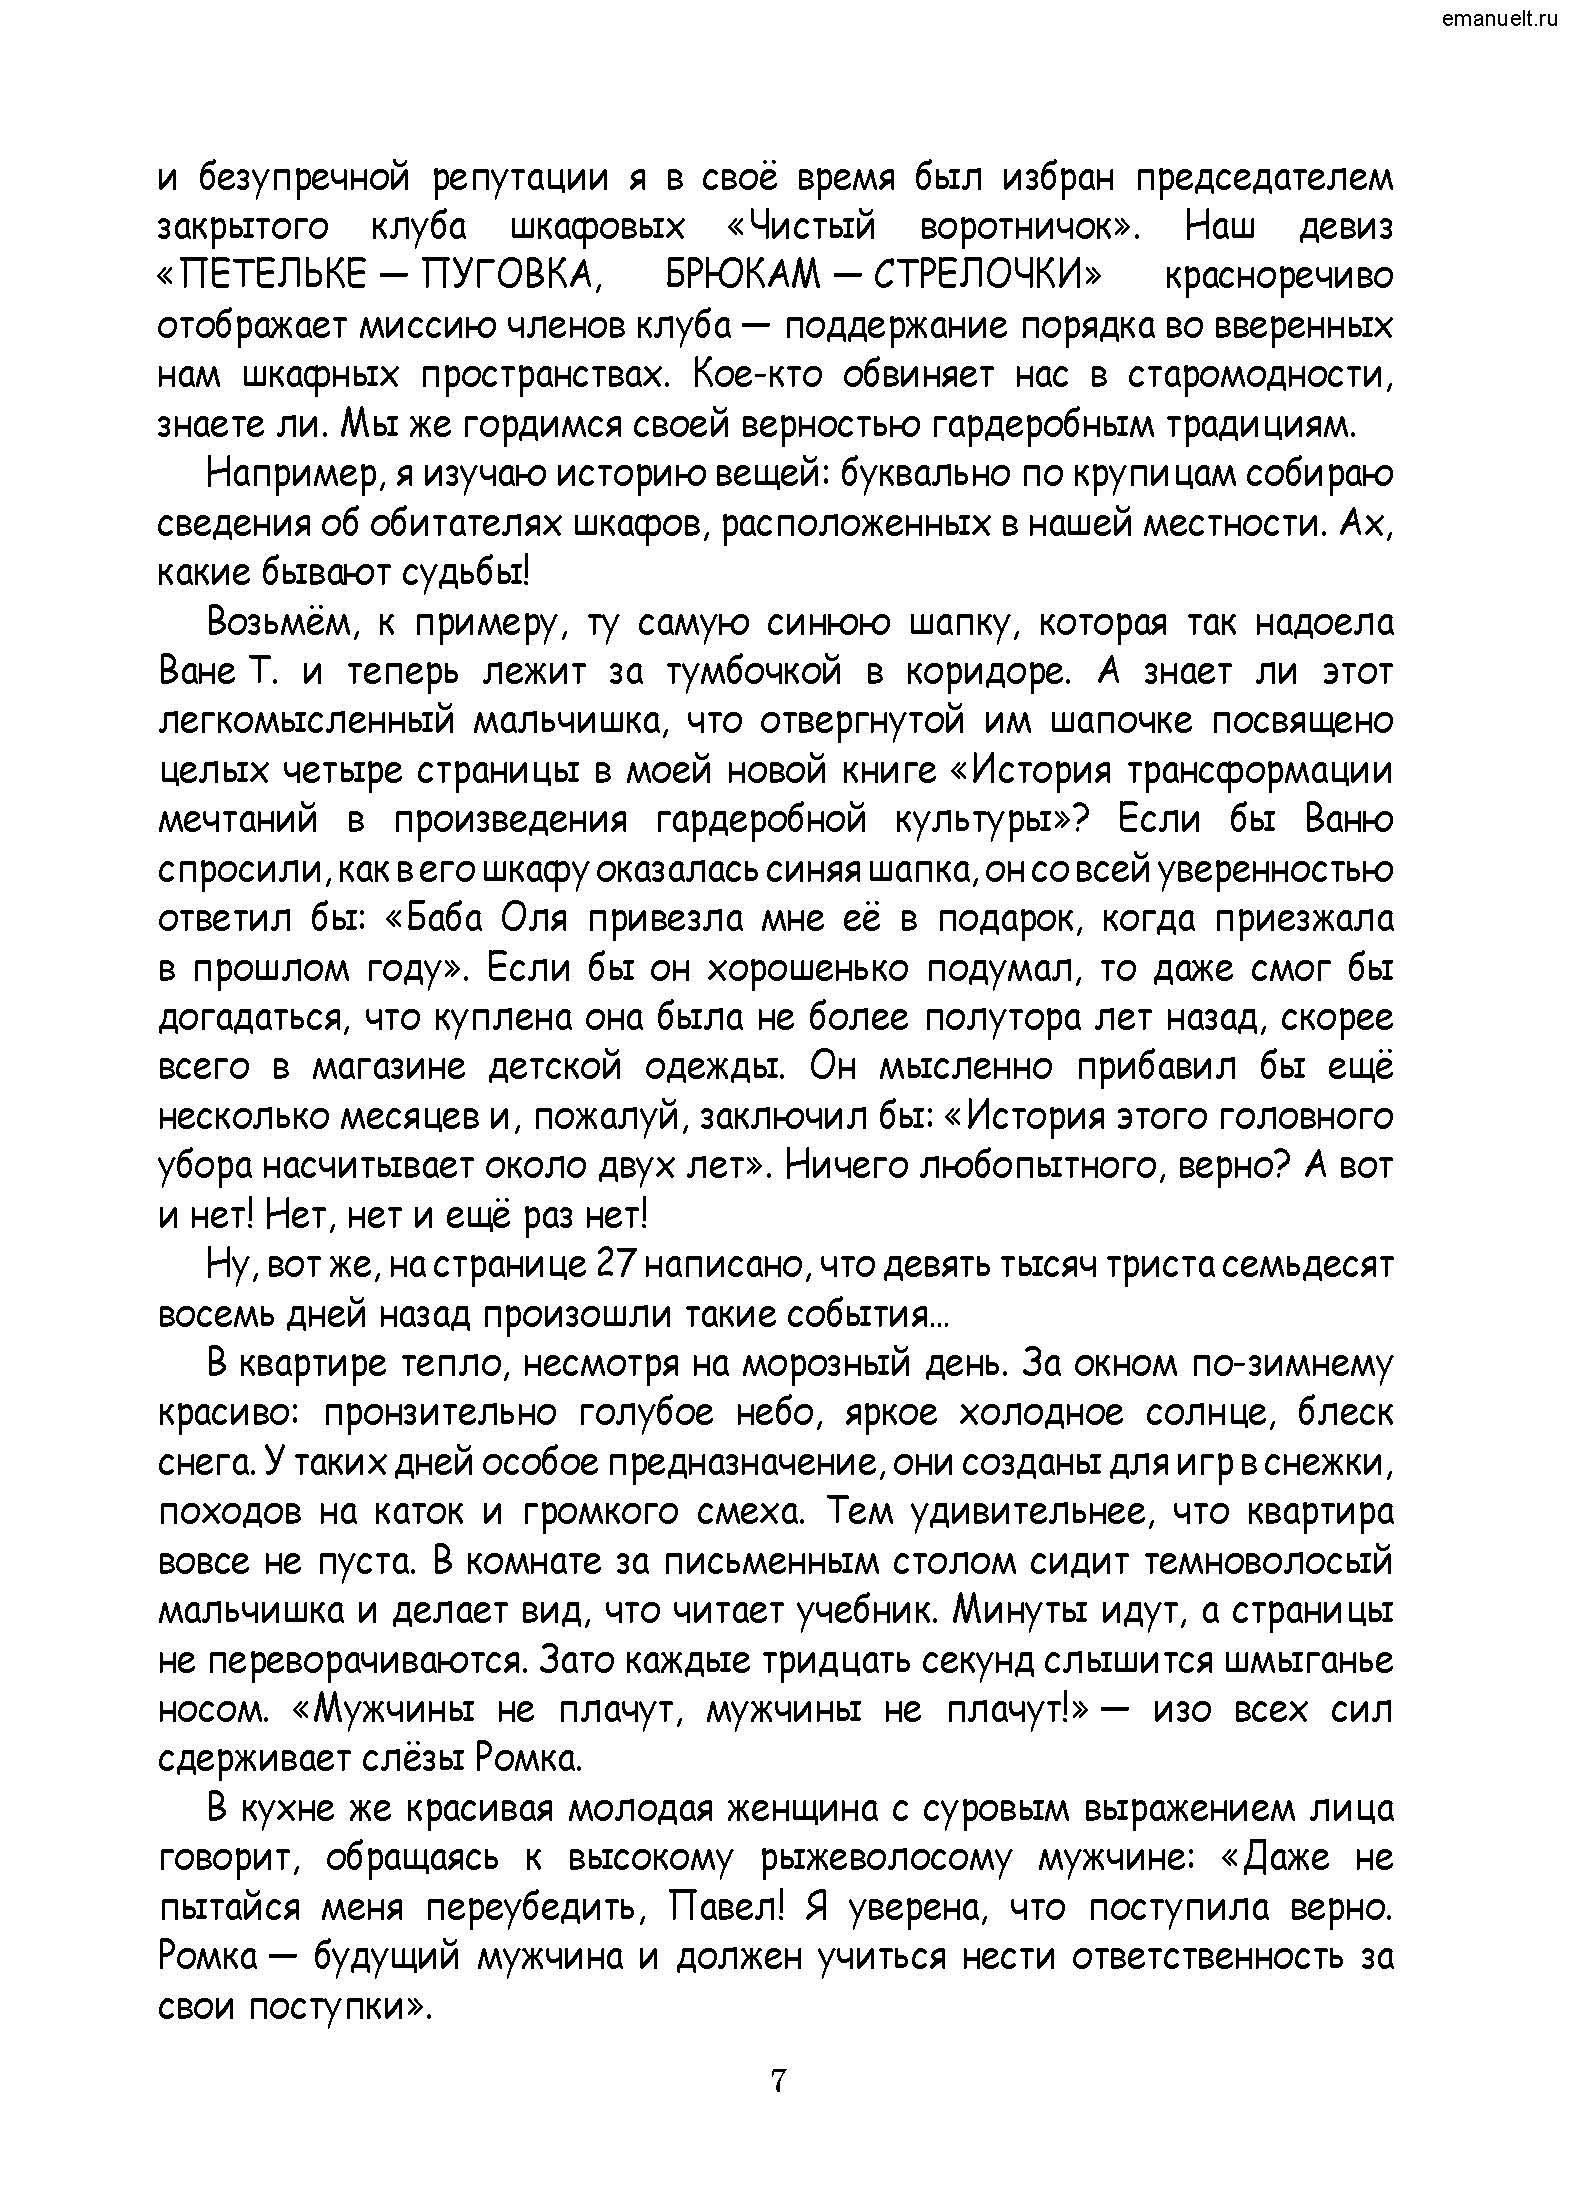 Рассказки в заданиях. emanuelt.ru_Страница_008